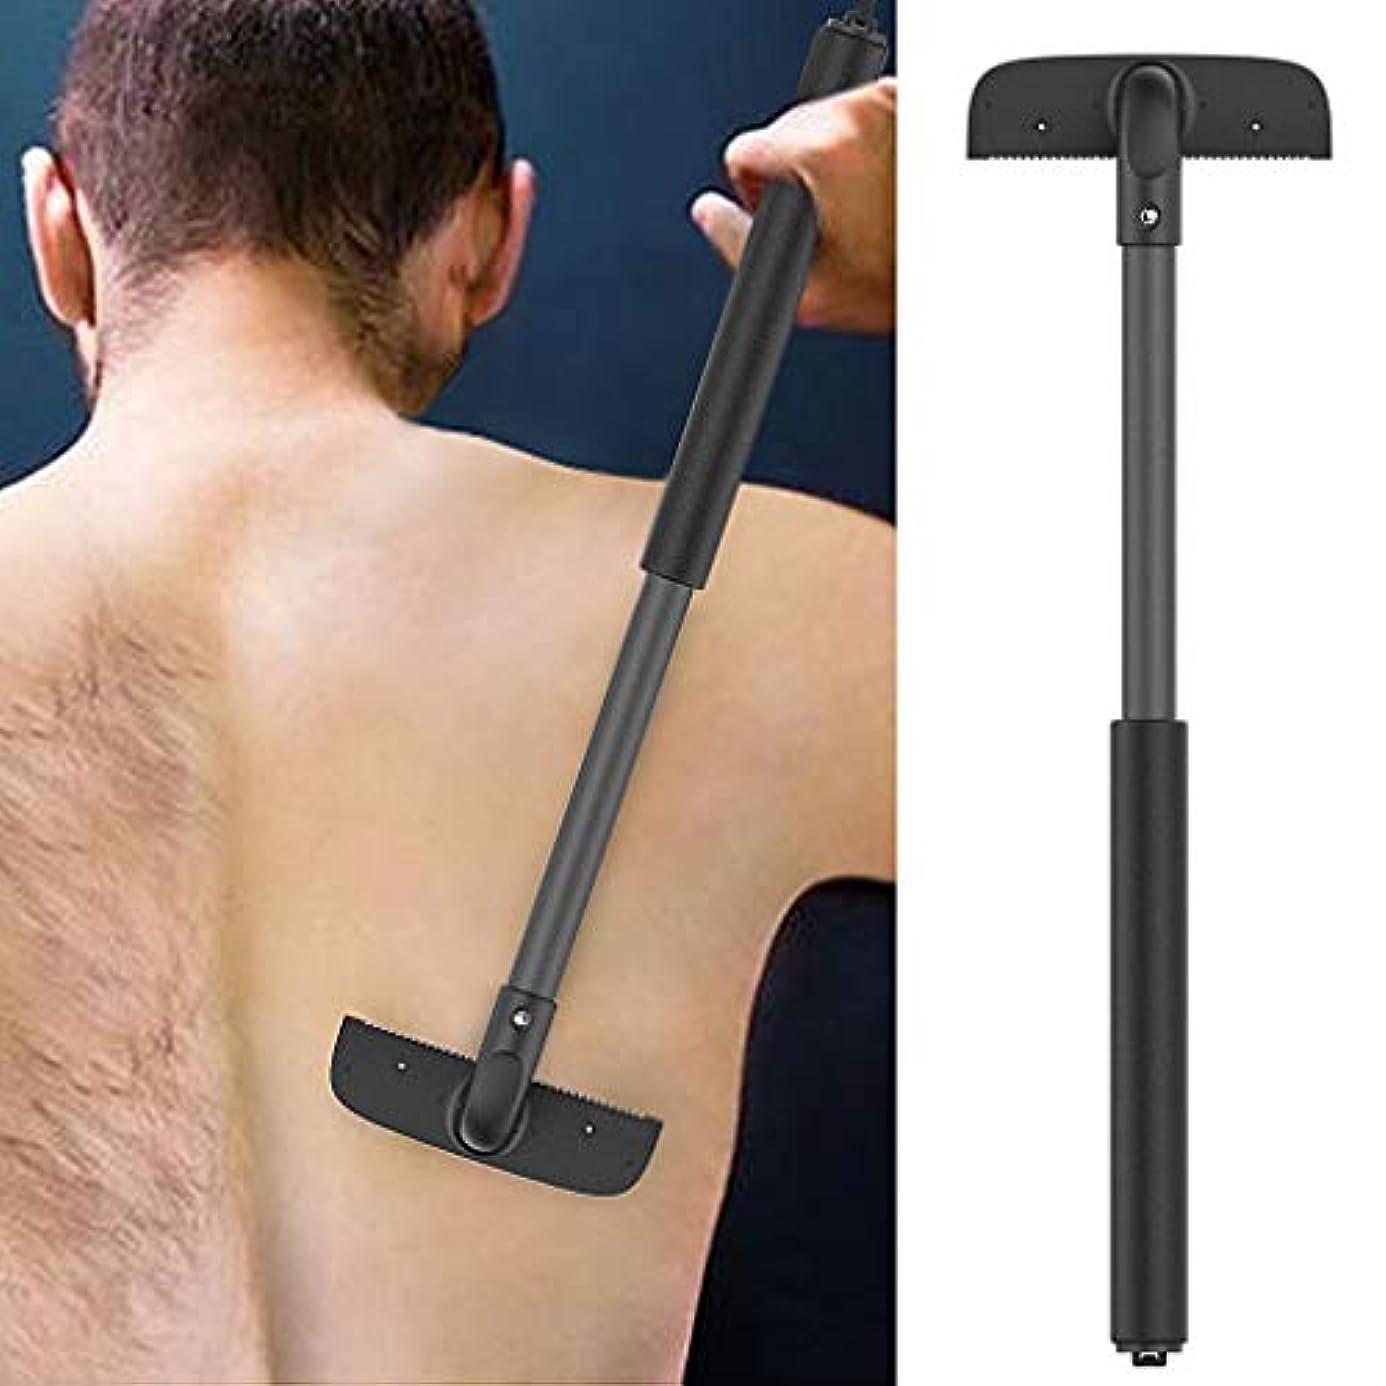 誠意最終的に小説家Back Hair Removal And Body Shaver、バックヘアとボディシェーバー、男性のための剃刀、調節可能なハンドル、伸縮可能なトリマー剃刀脱毛装置 除毛 ムダ毛処理